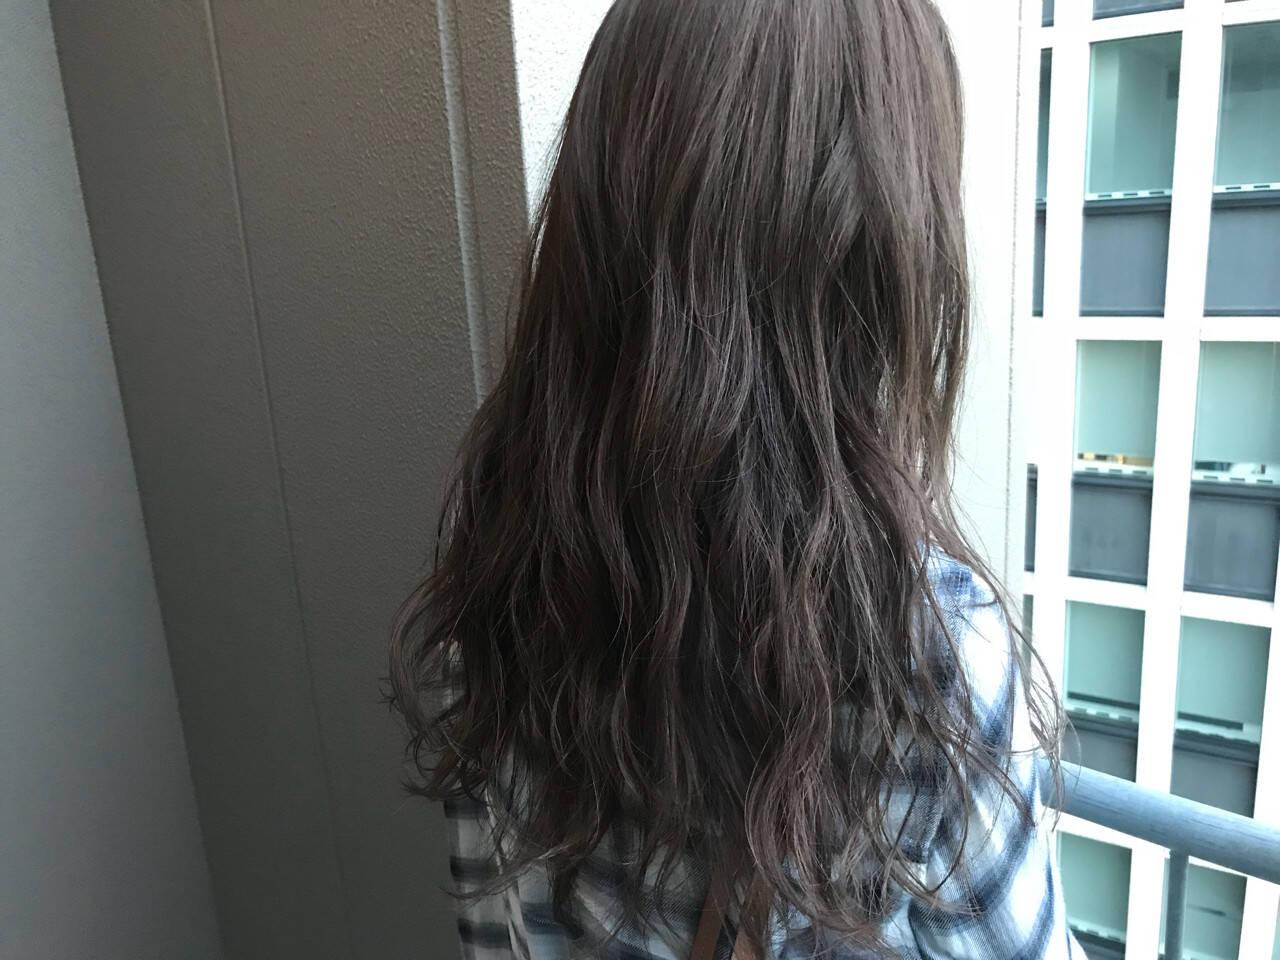 透明感 ロング デート グレージュヘアスタイルや髪型の写真・画像